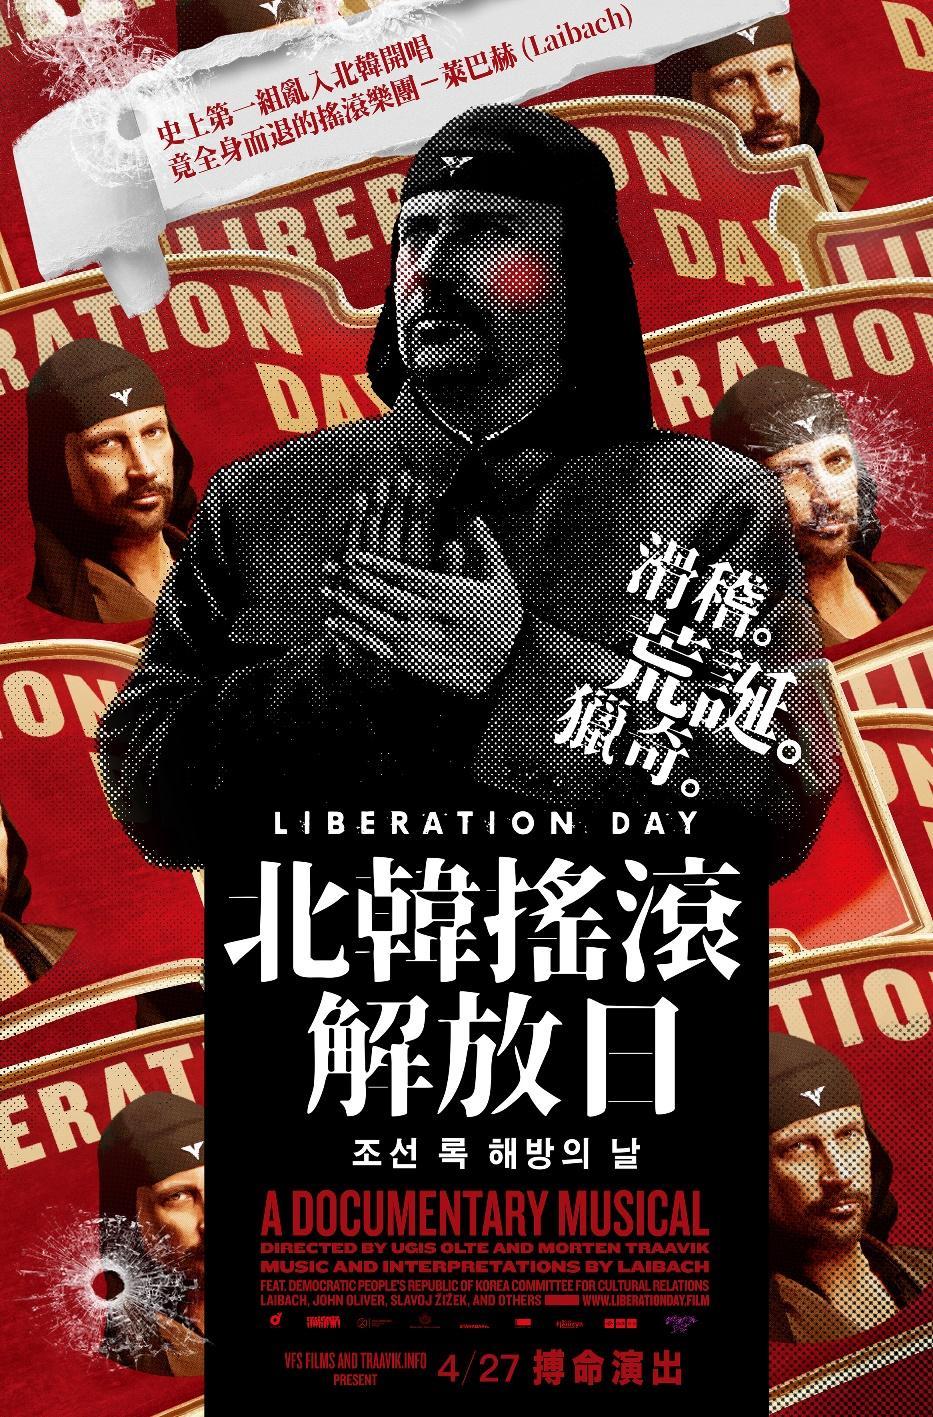 台灣片名翻譯為《北韓搖滾解放日》。